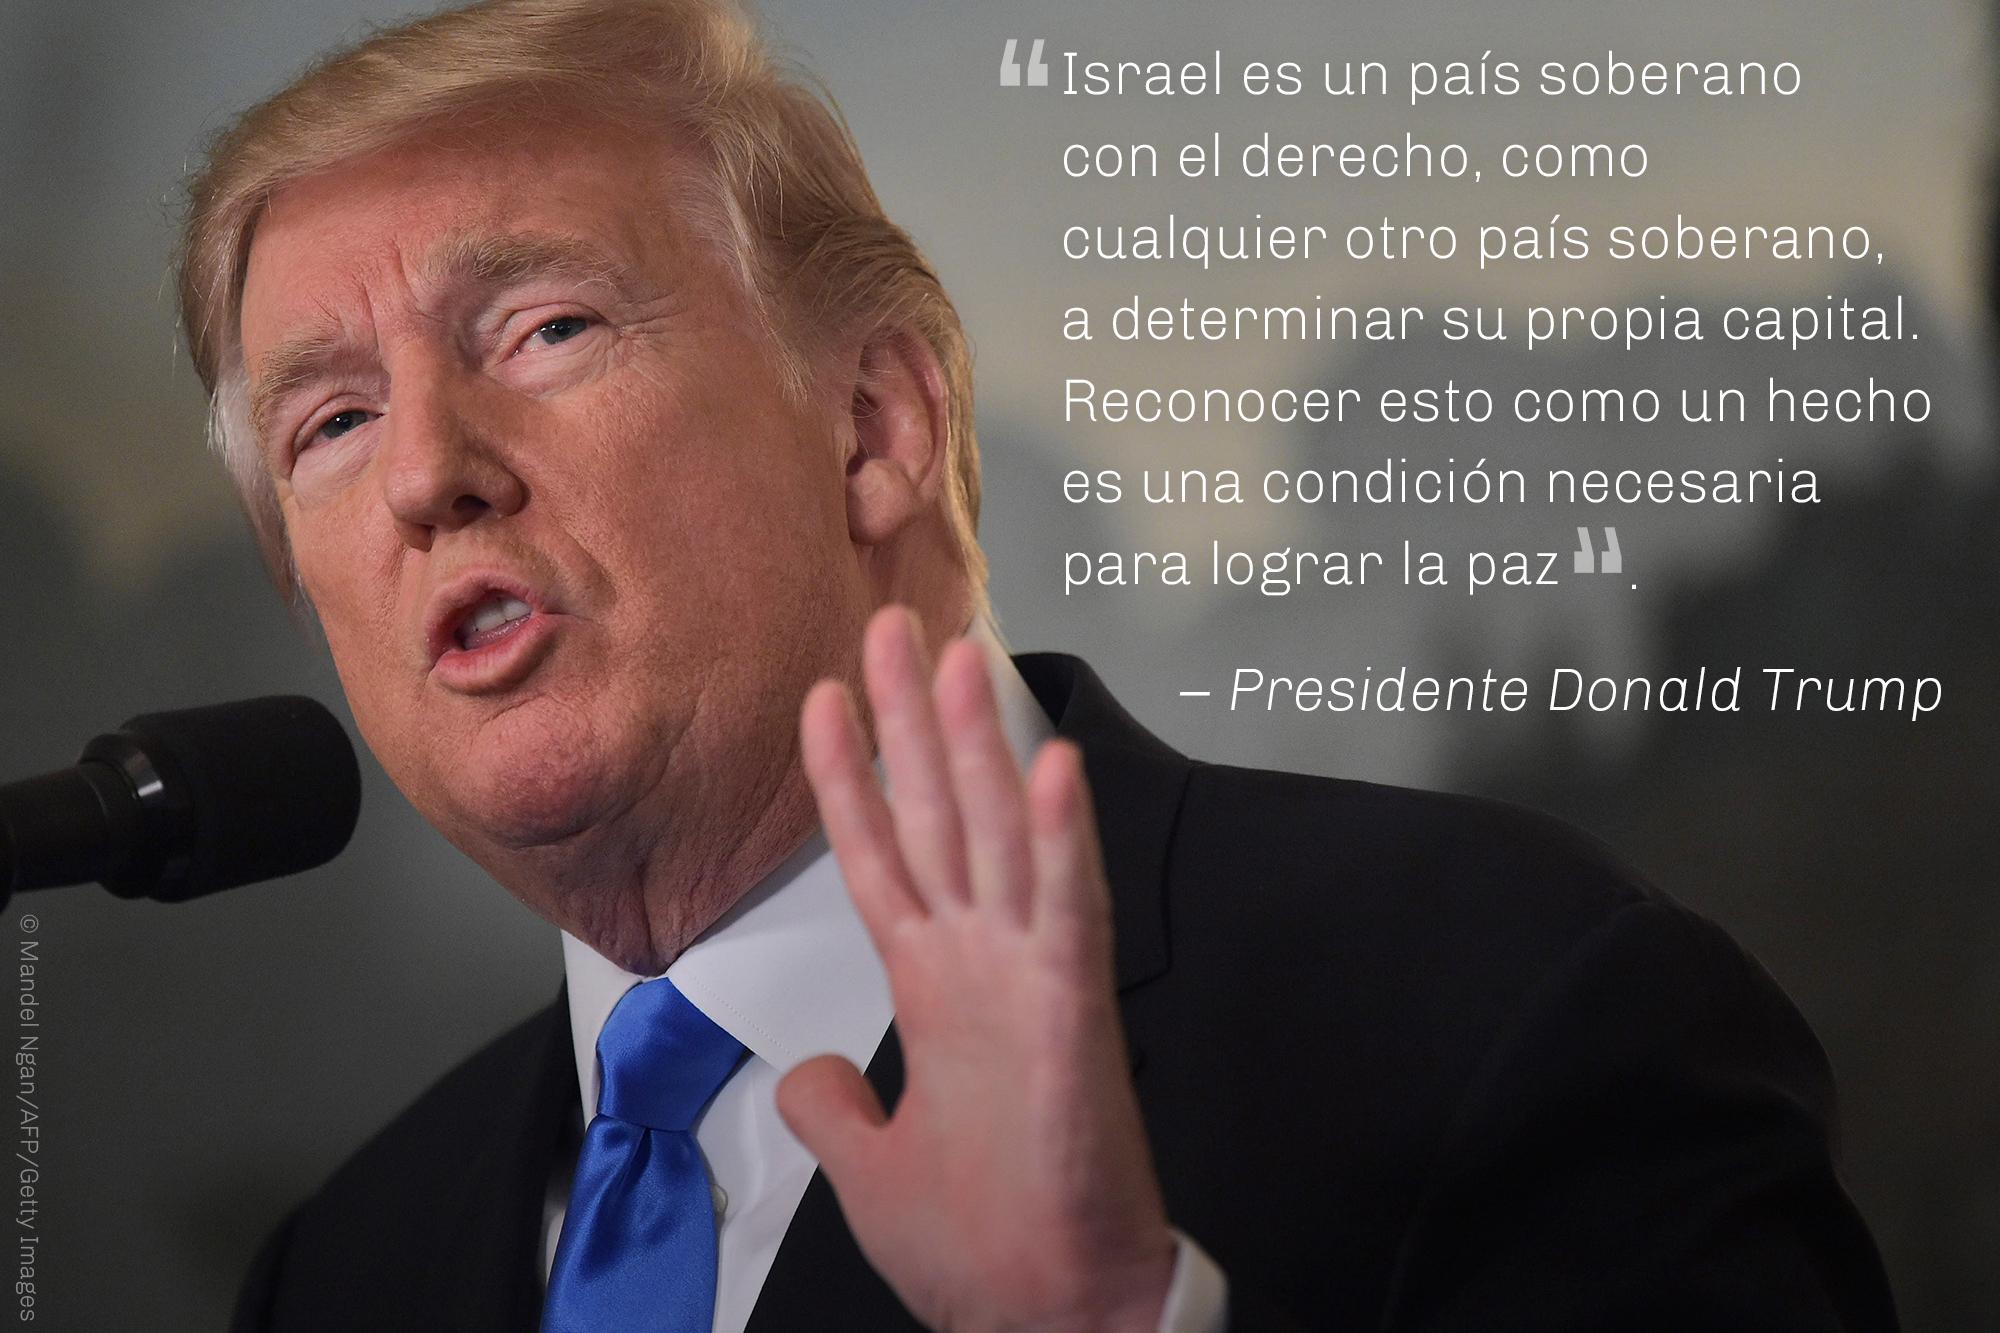 Cita del presidente Trump sobre Israel como país soberano con foto de Trump (© Mandel Ngan/AFP/Getty Images)